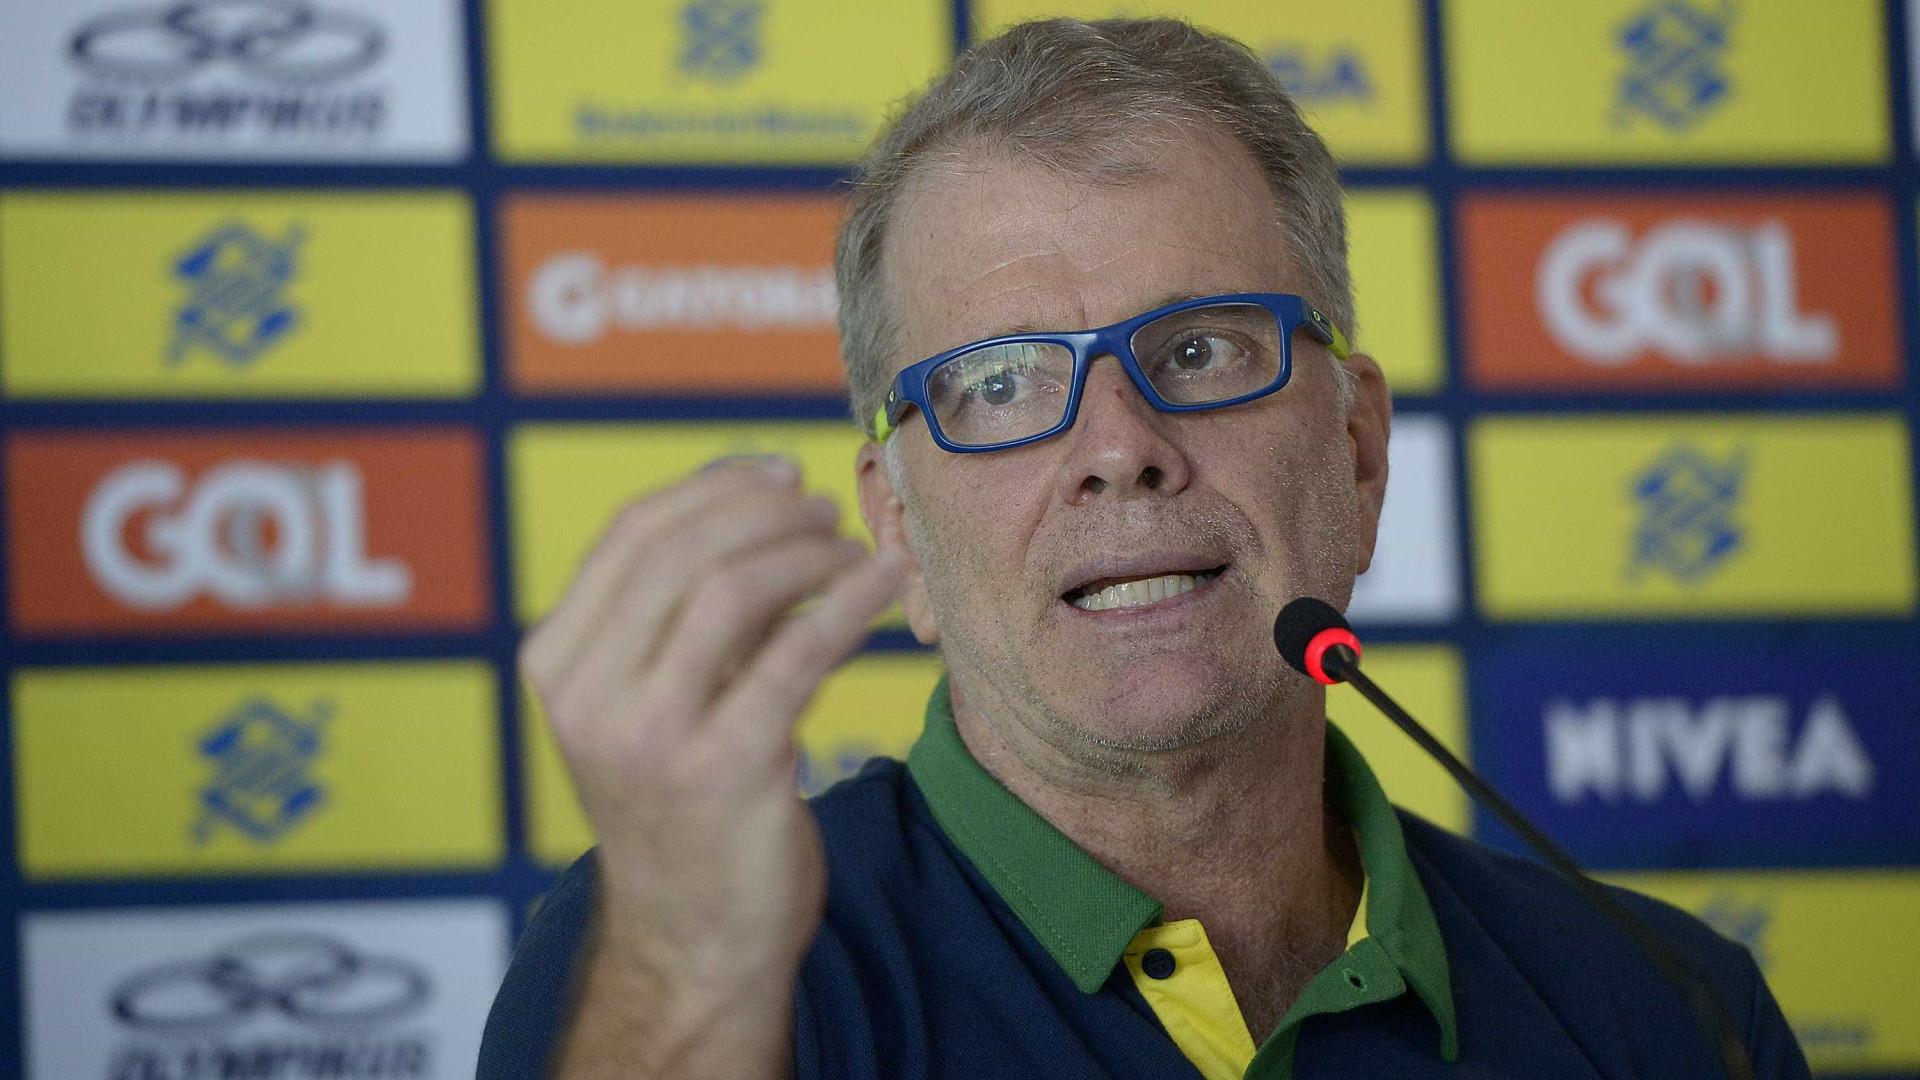 Com propostas do exterior, Bernardinho diz ser difícil deixar o Brasil